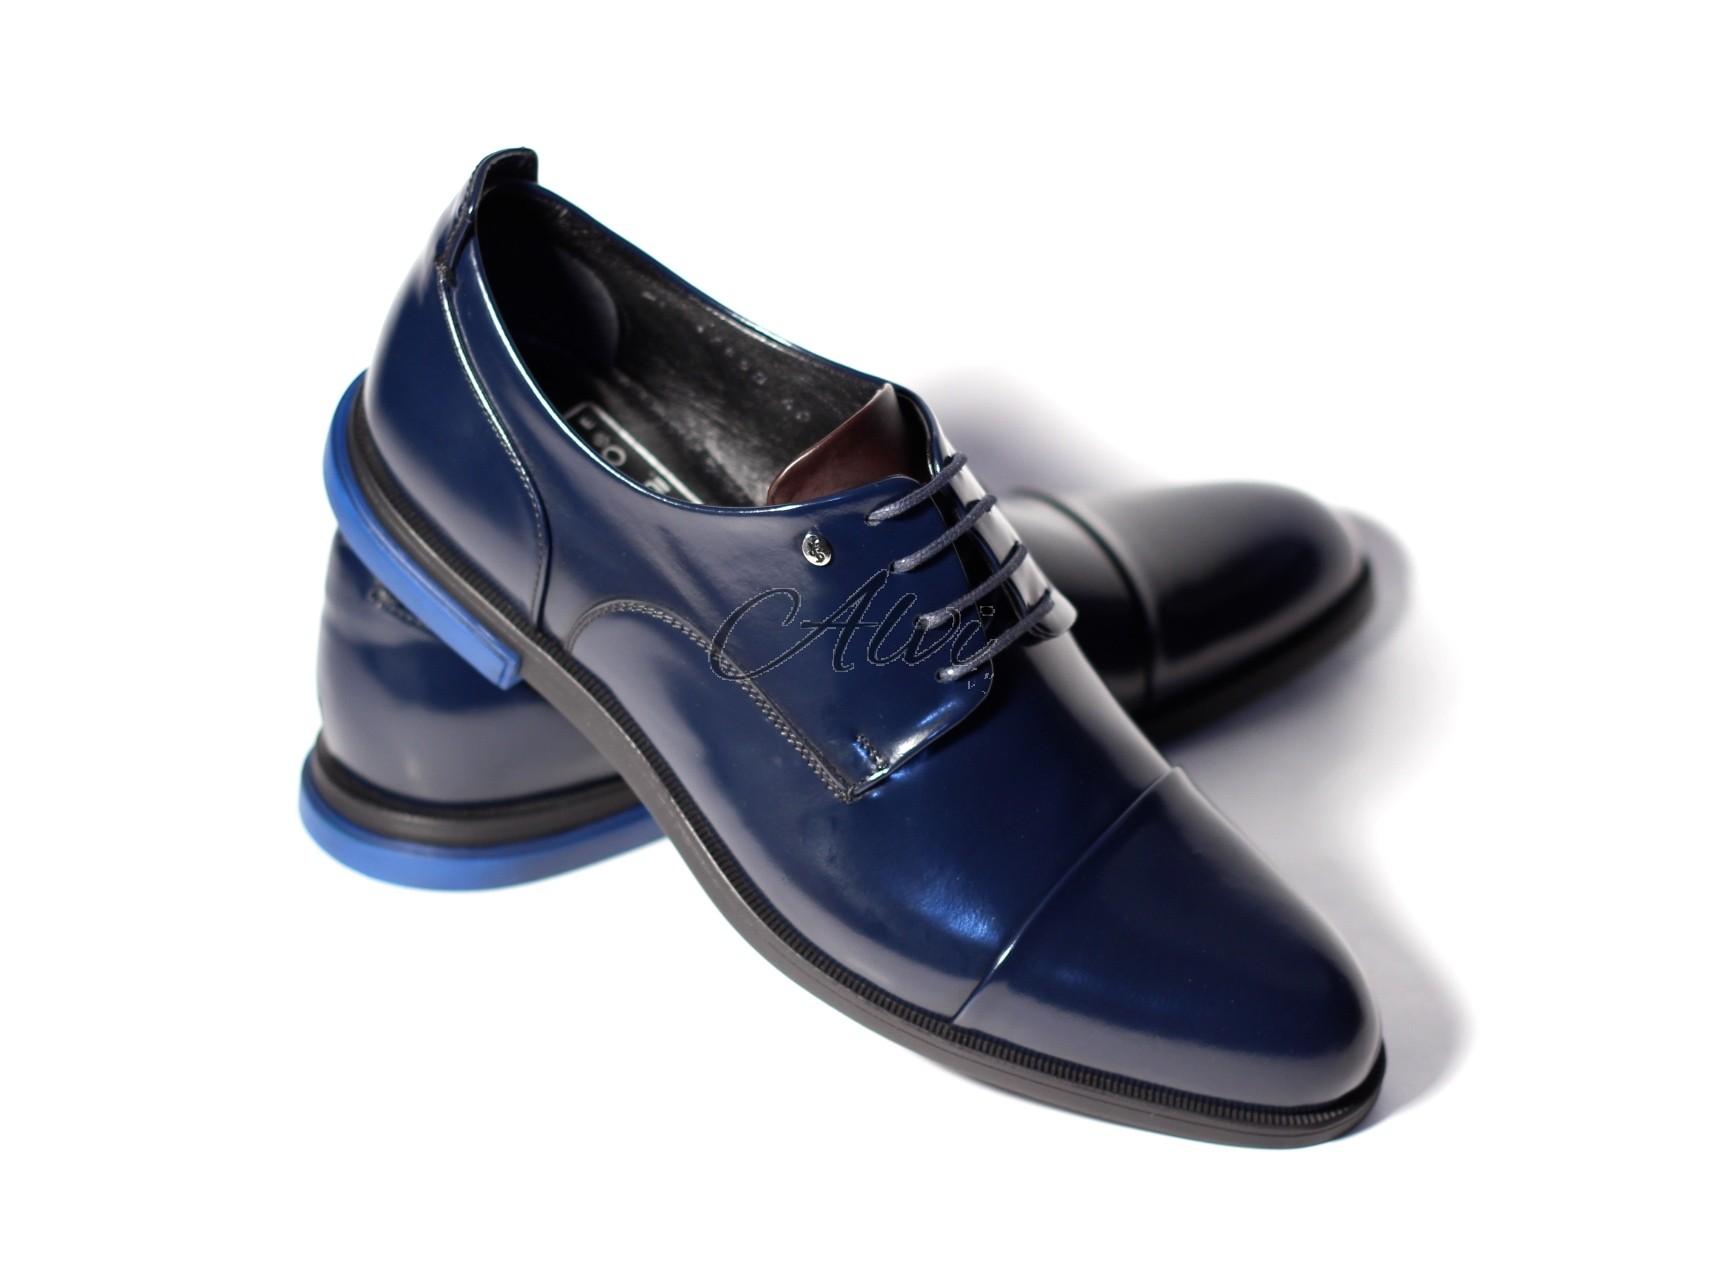 Scarpe Matrimonio Uomo Tacco : Scarpe maschili allacciate blu notte con tacco elettrico